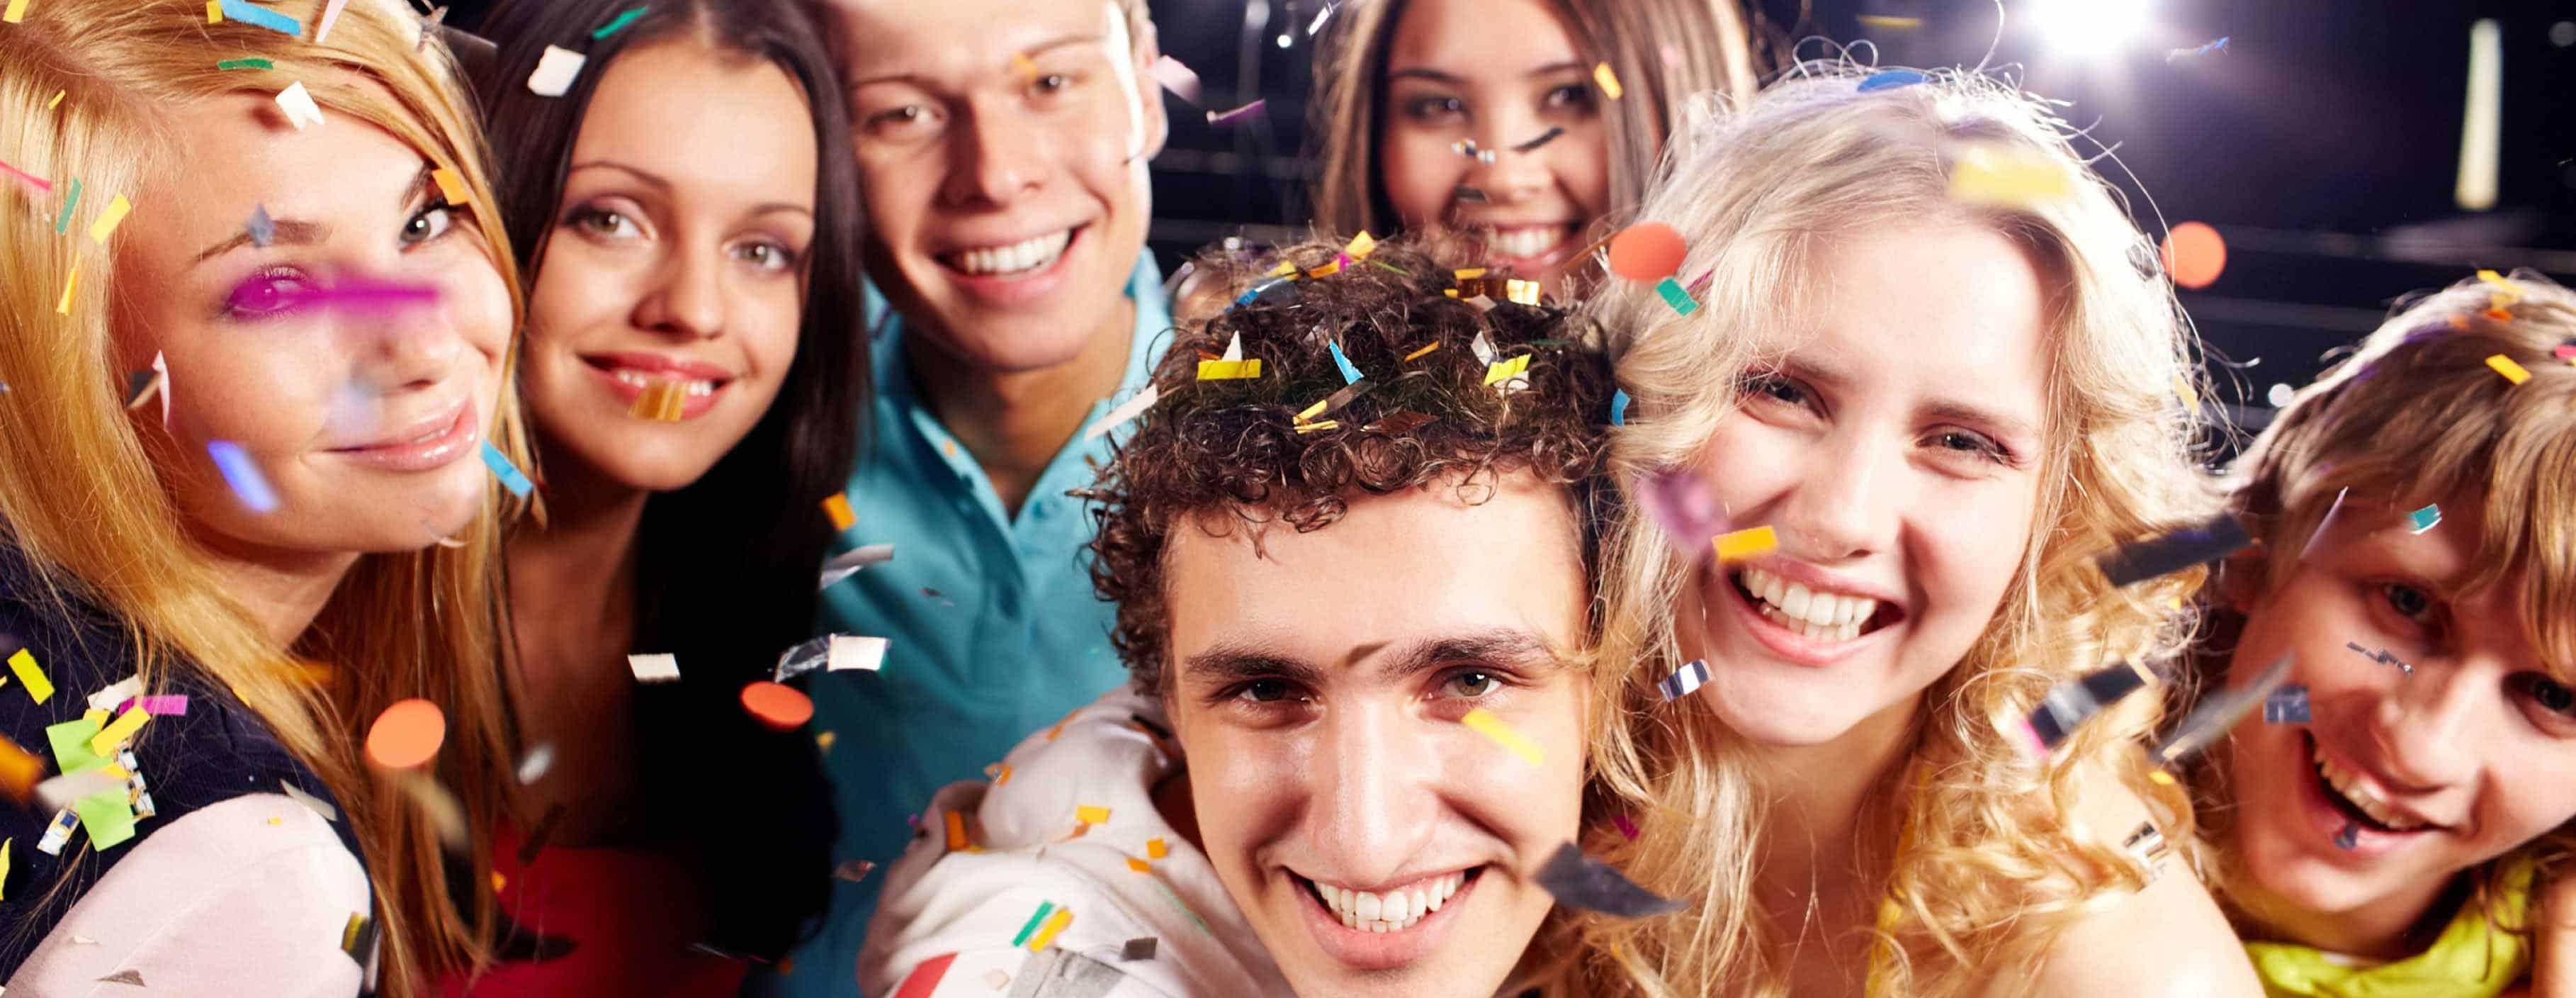 Фото с студенческих вечеринок 15 фотография